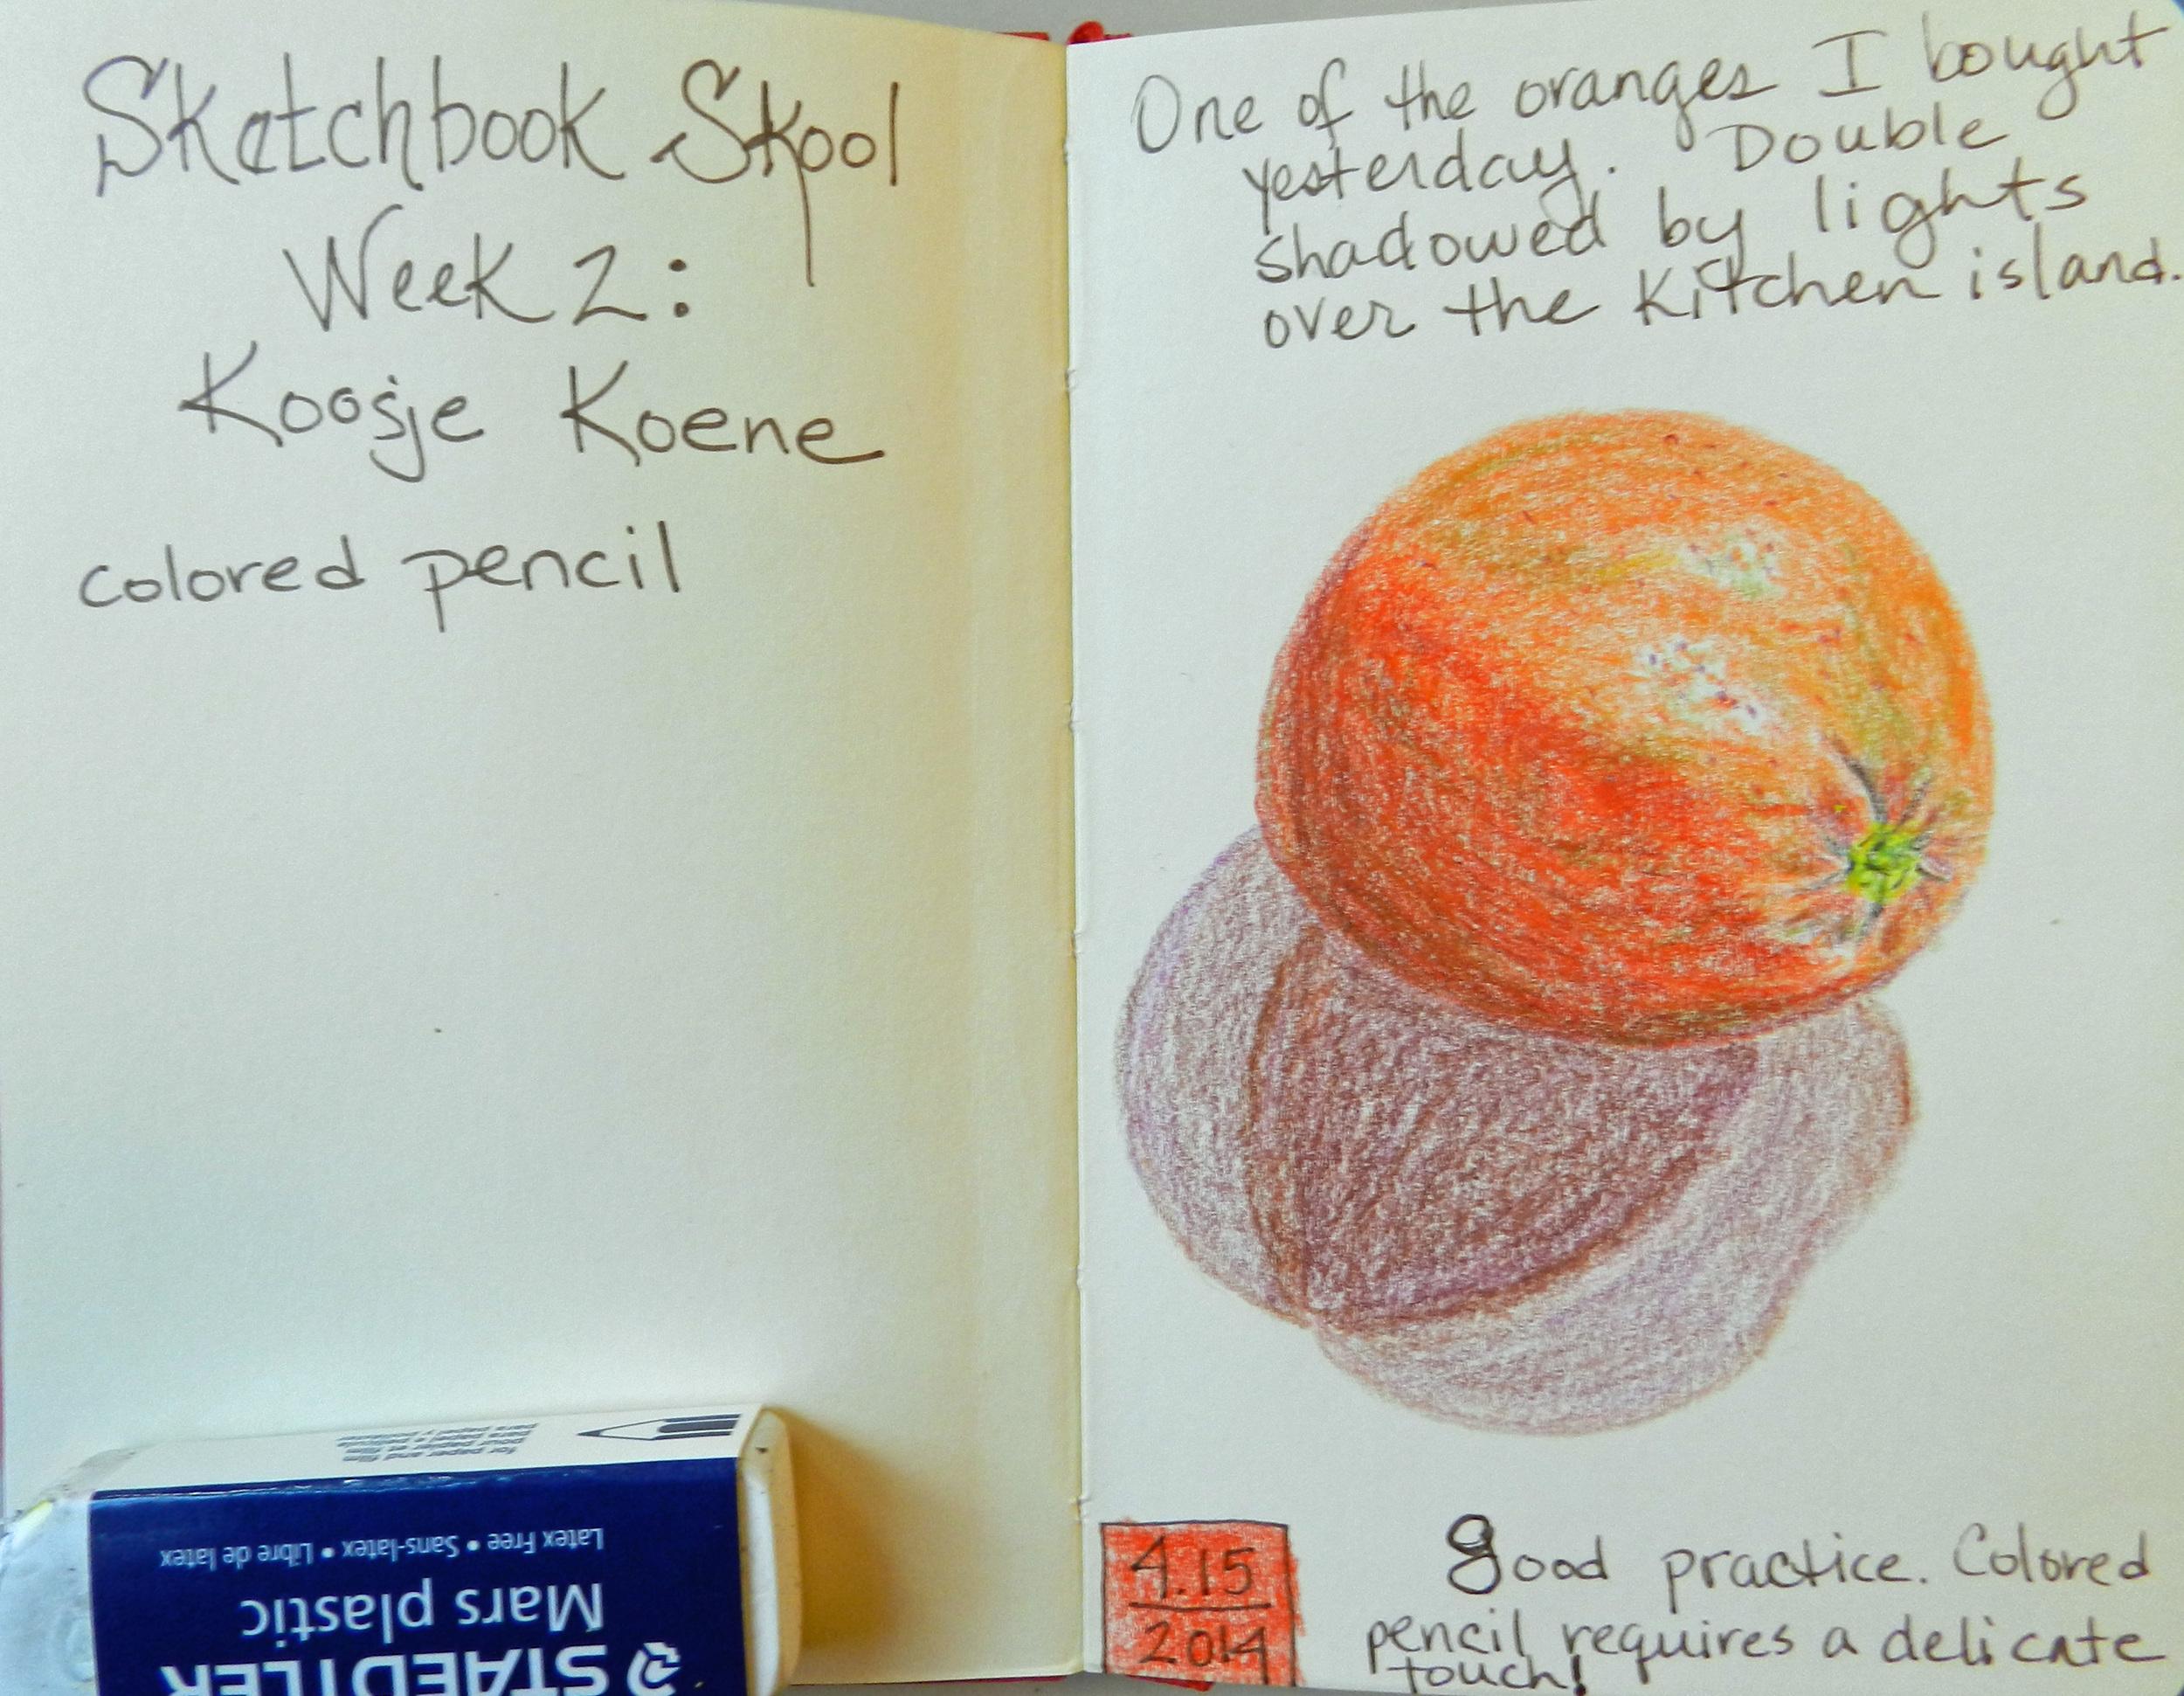 Sketchbook Skool (23)